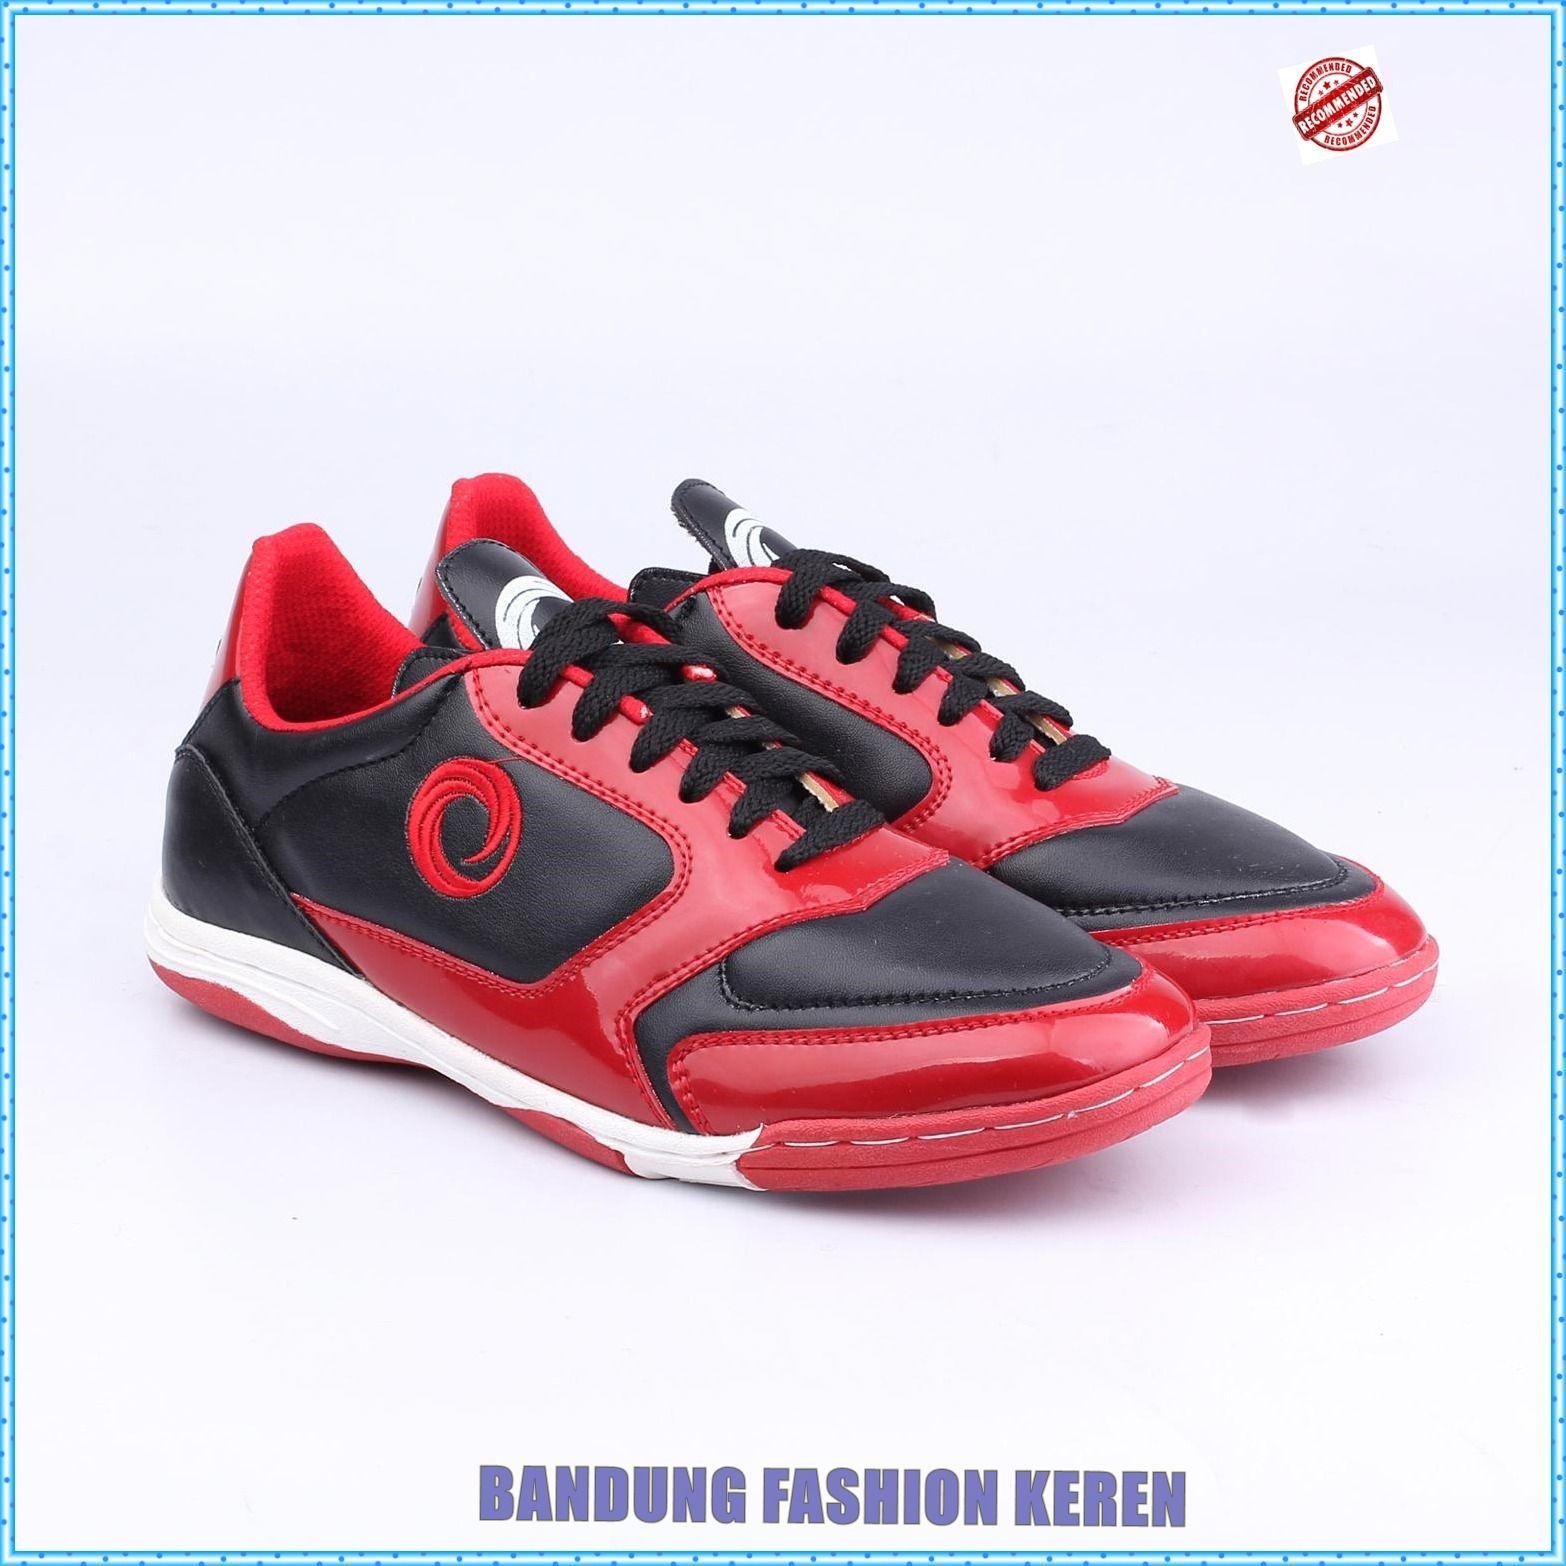 Sepatu Futsal Pria Ns 071 Produk Fashion Handmade Terbaik 100 Persen Asli Produk Indonesia Asal Bandung Kota Paris Van Java Produk Terbar Sepatu Hitam Pria